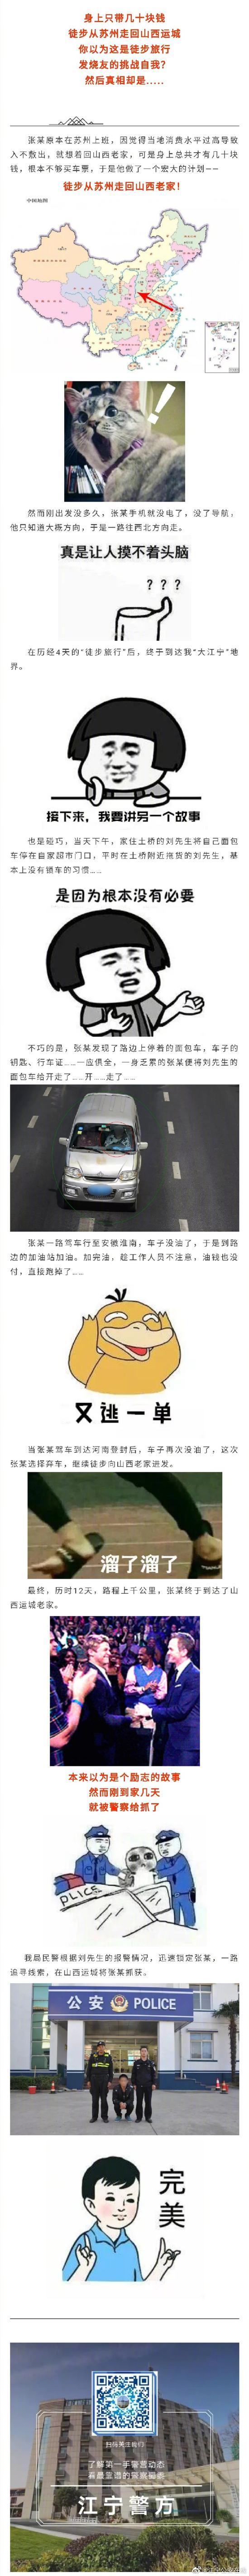 「ag利来国际手机版下载」中国小伙采访南非当地人,被误认为是人贩子